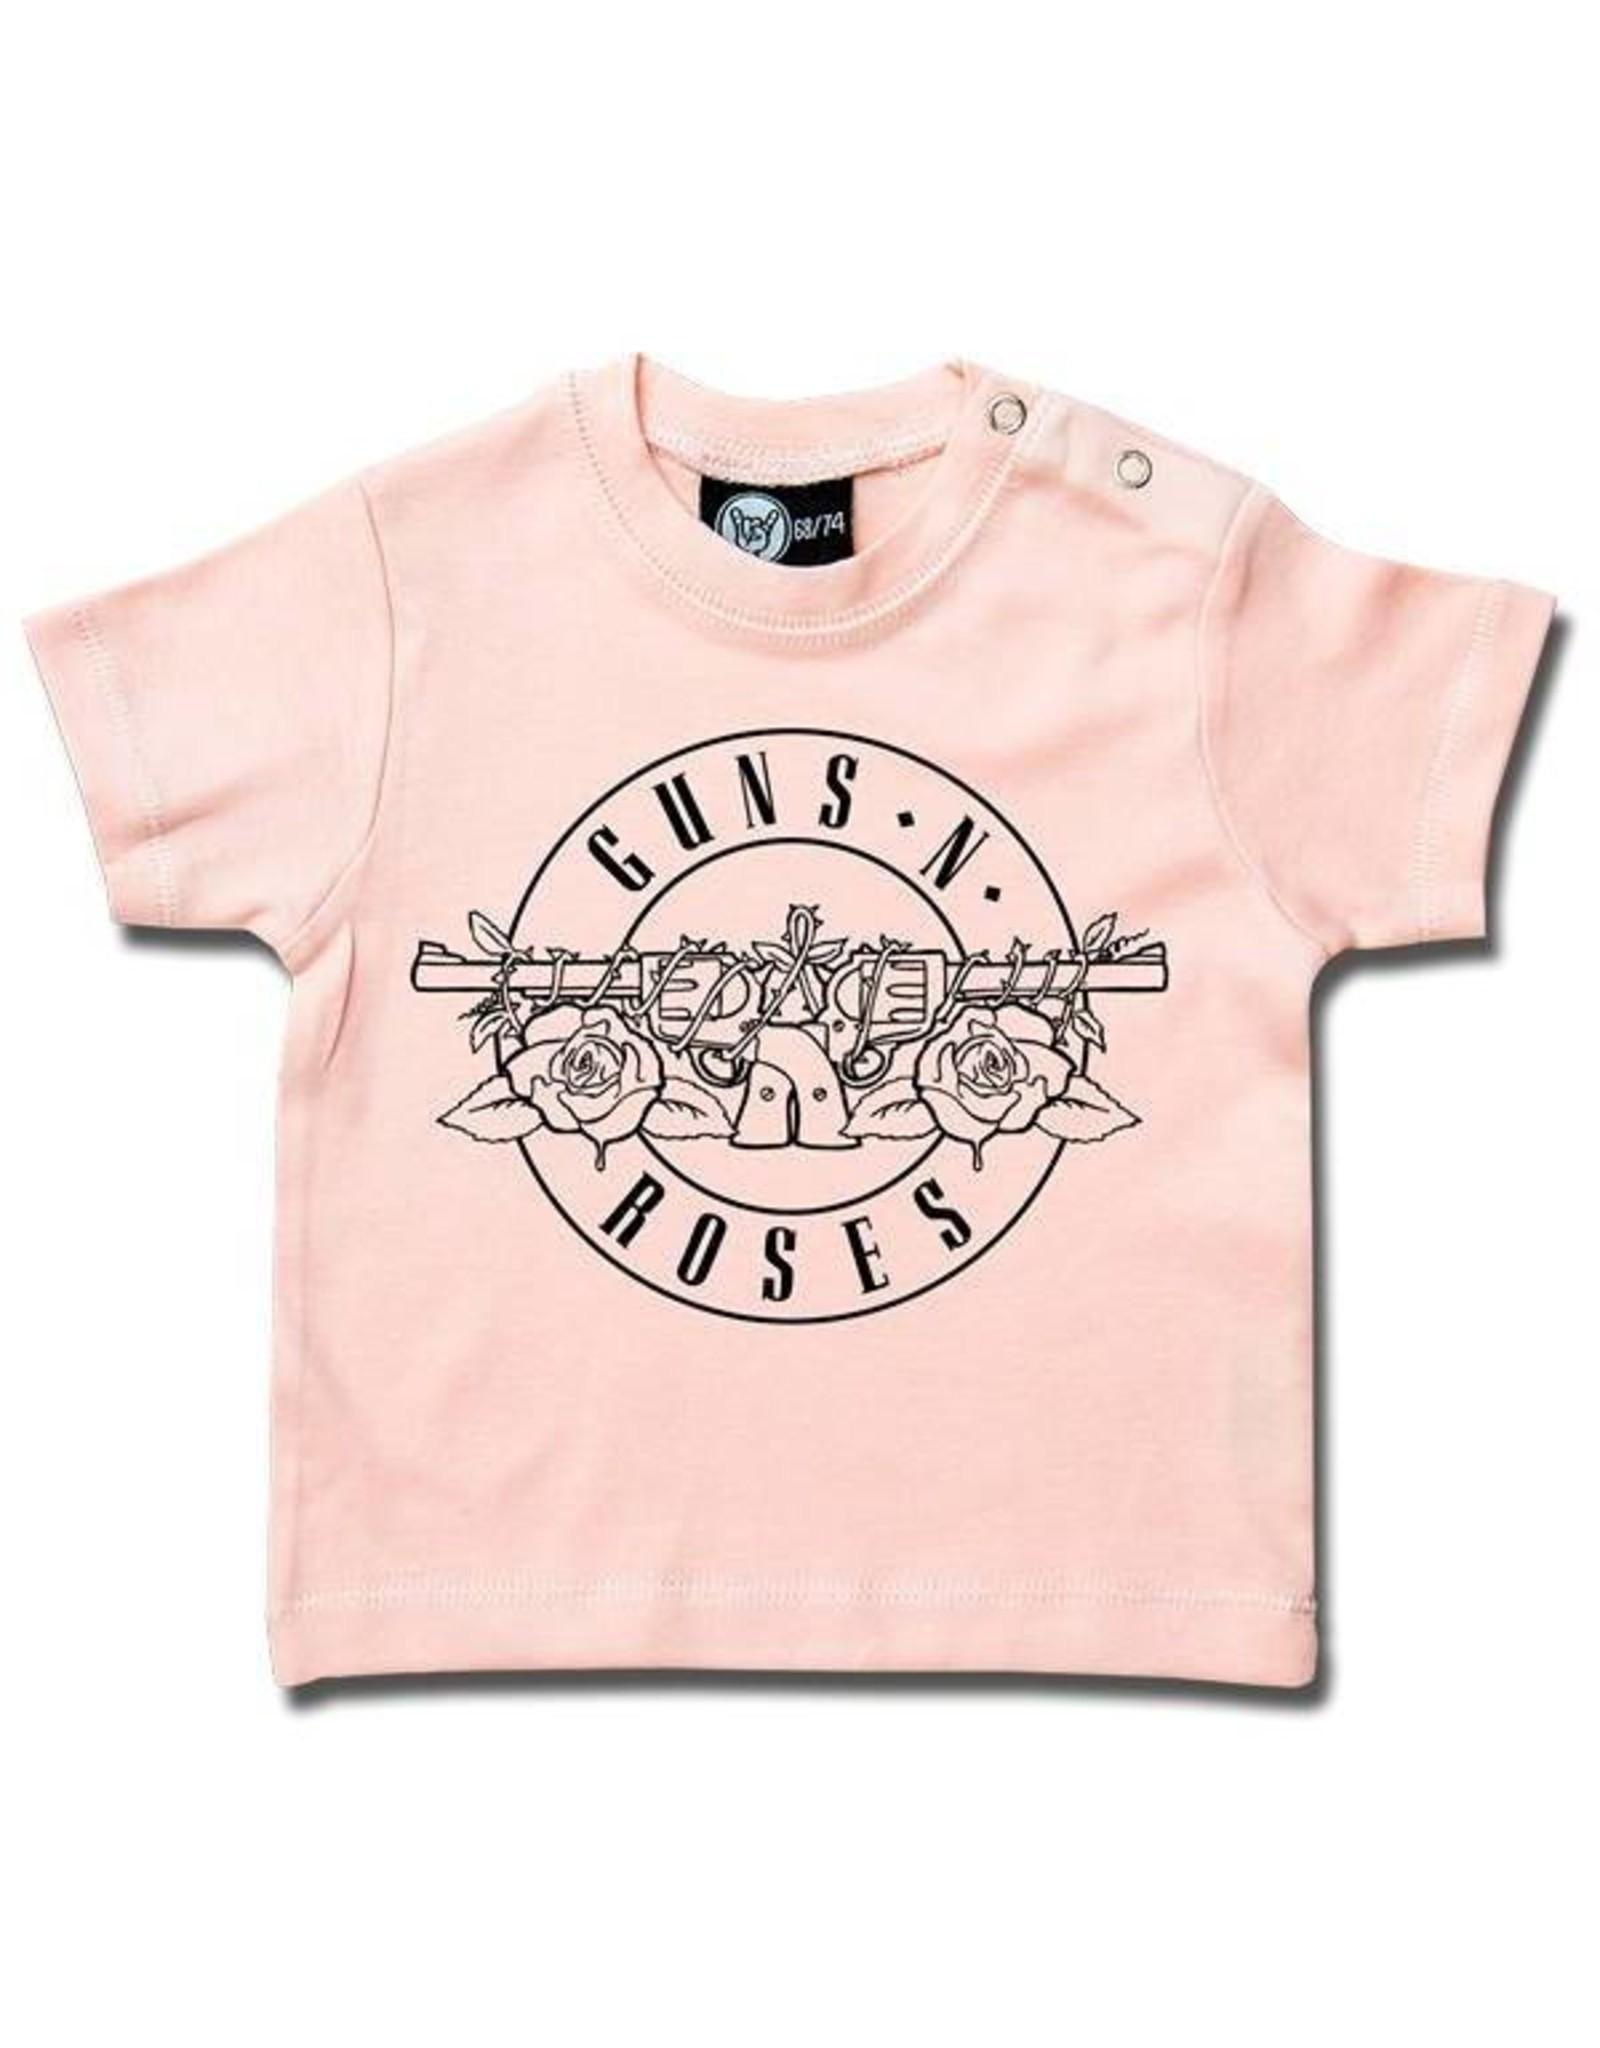 Guns 'n Roses (Bullet outline) Kids T-Shirt